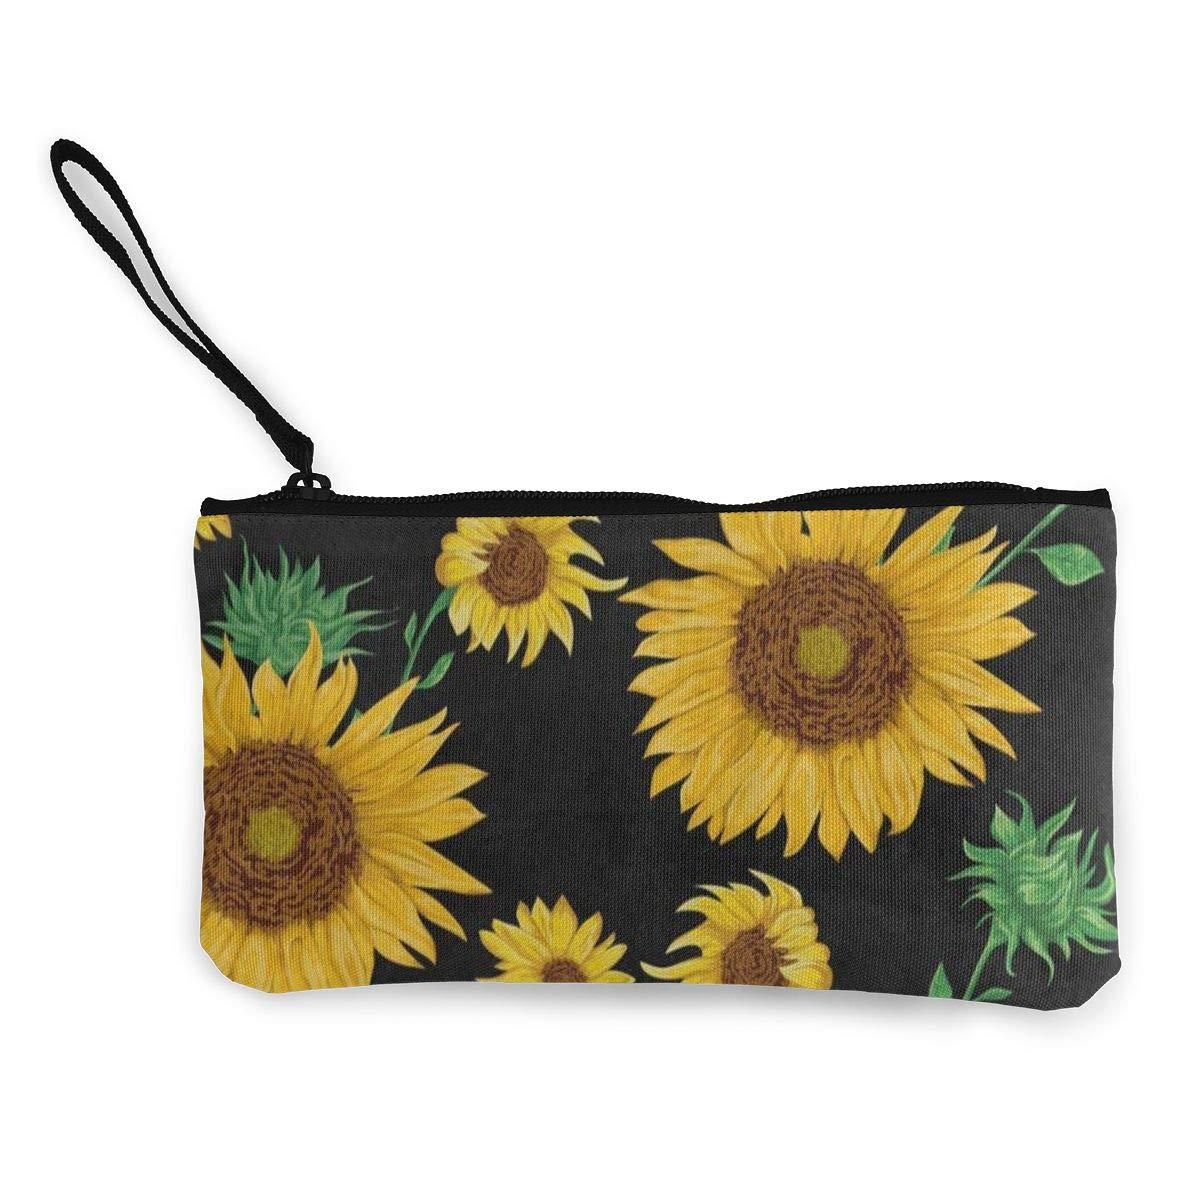 Canvas Coin Purse Summer Floral Flower Sunflower Brown Customs Zipper Pouch Wallet For Cash Bank Car Passport